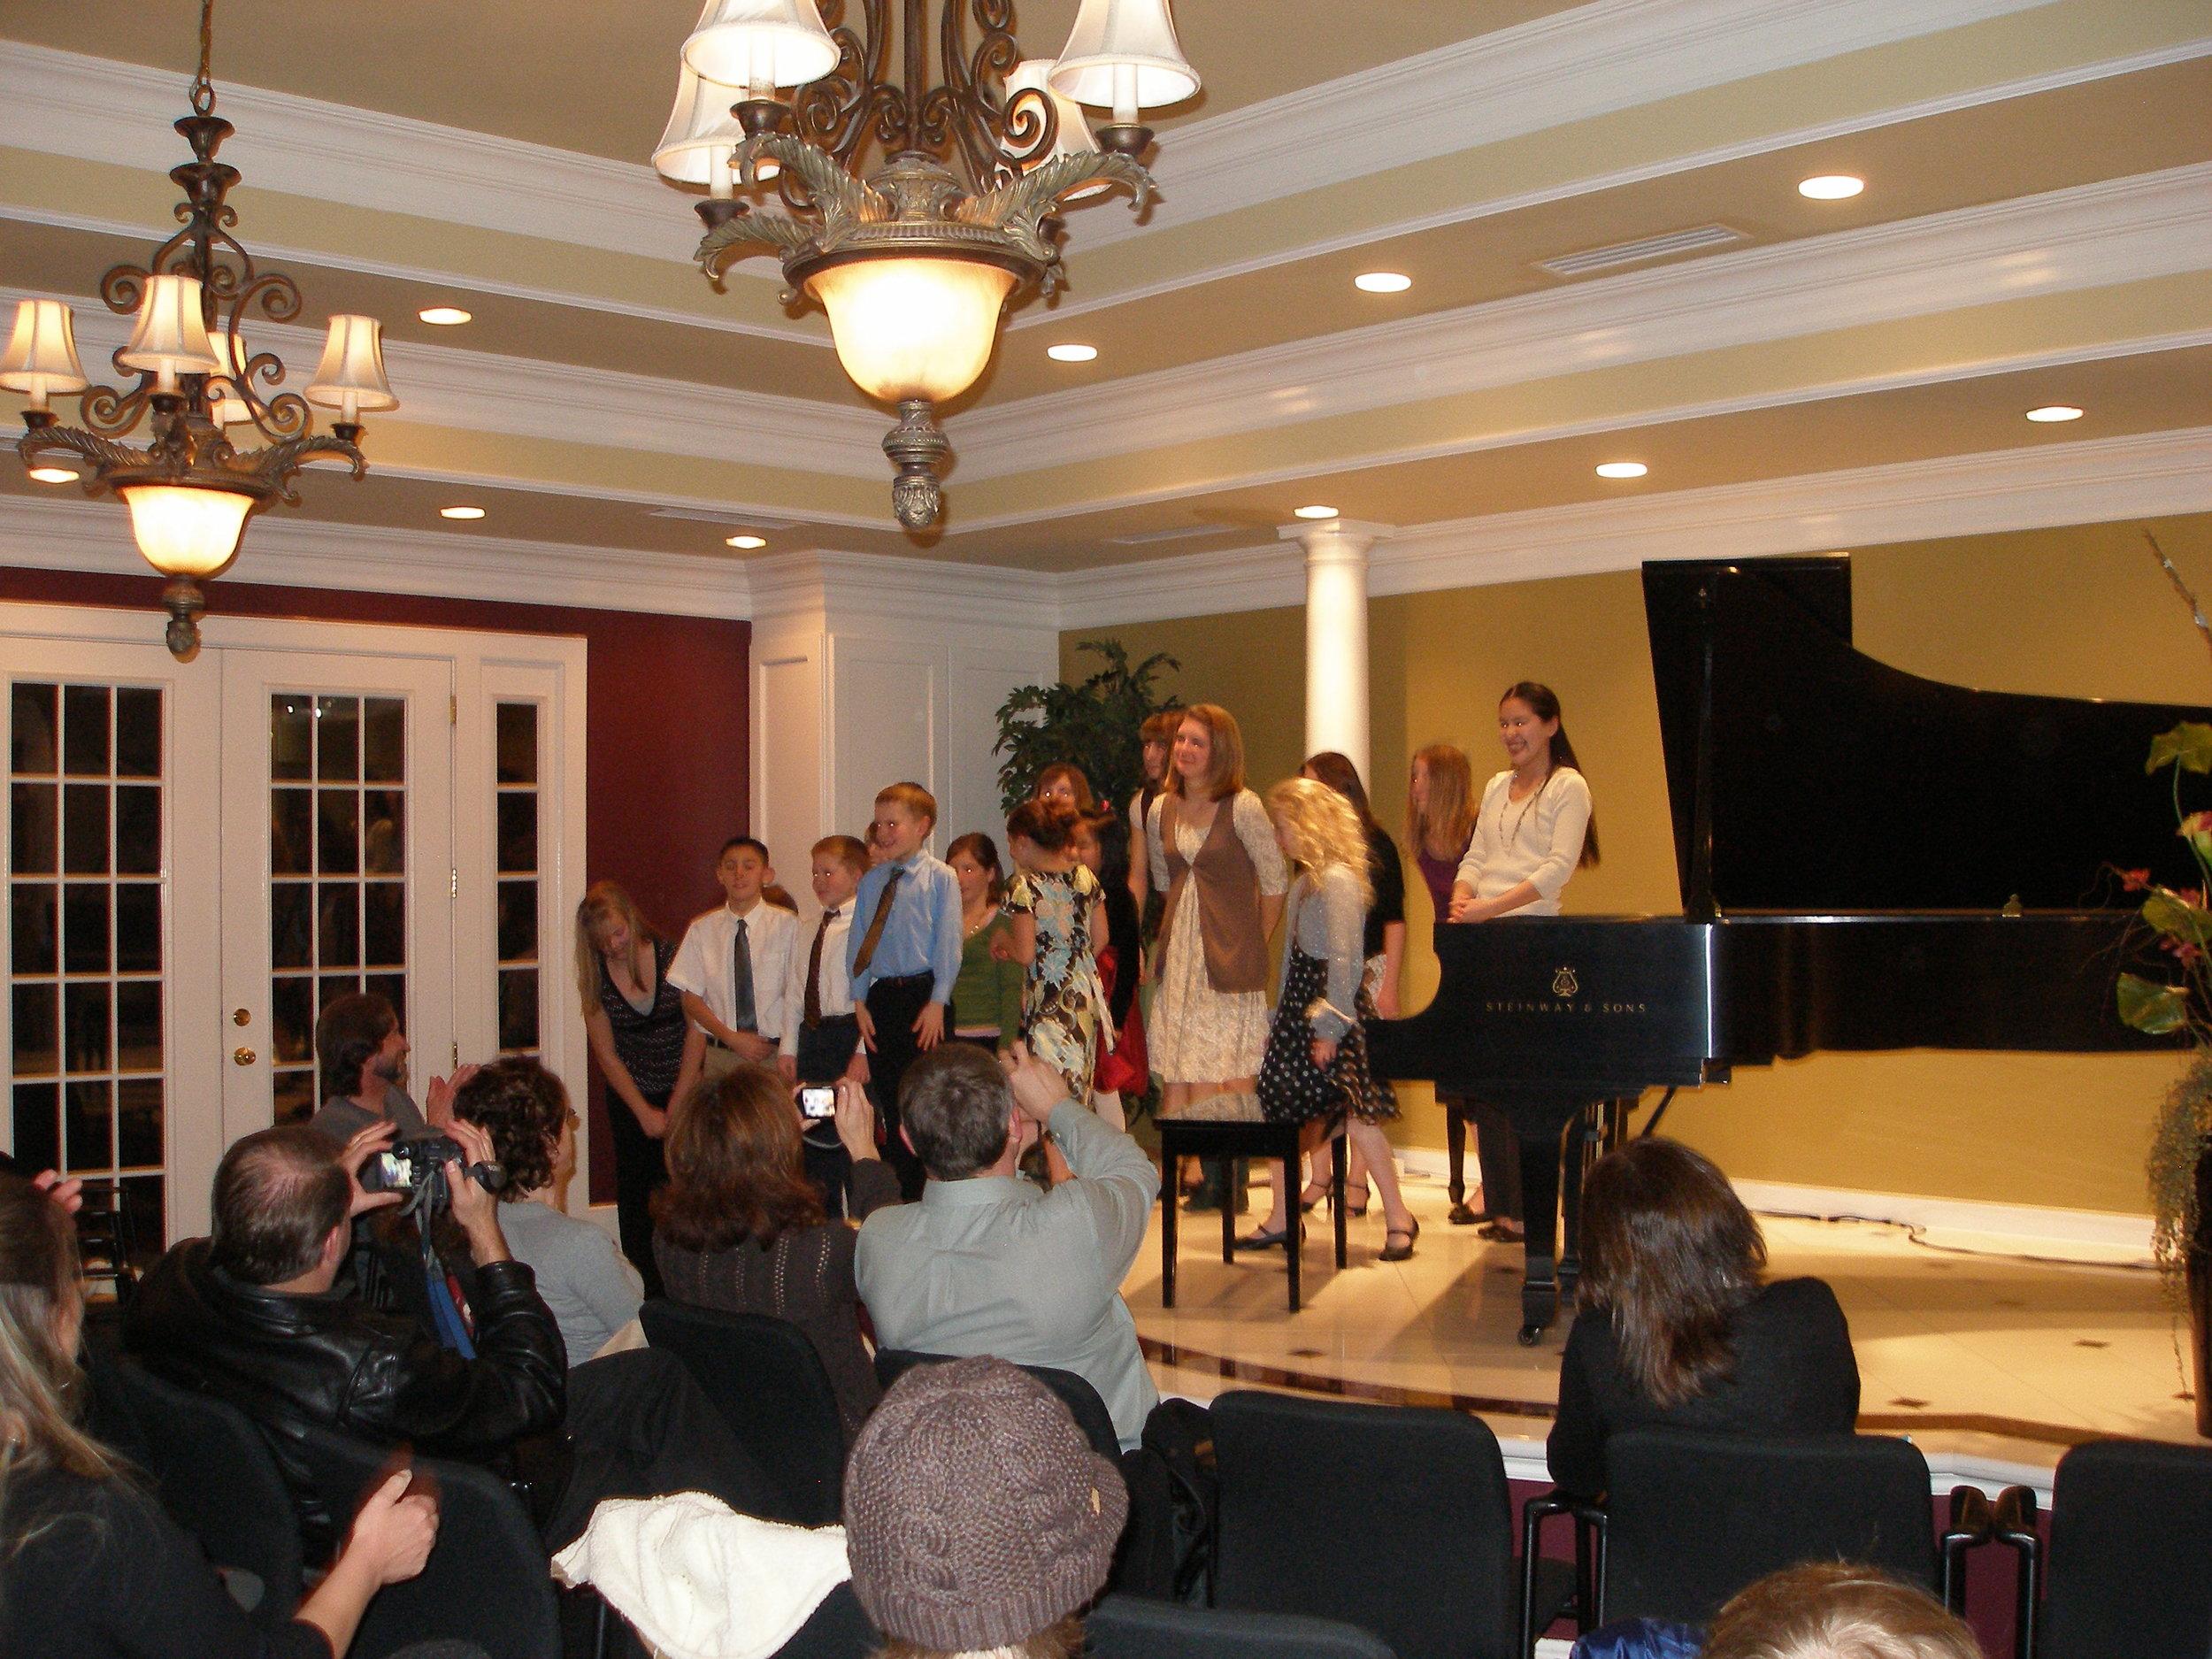 Studio recital at Daynes Music